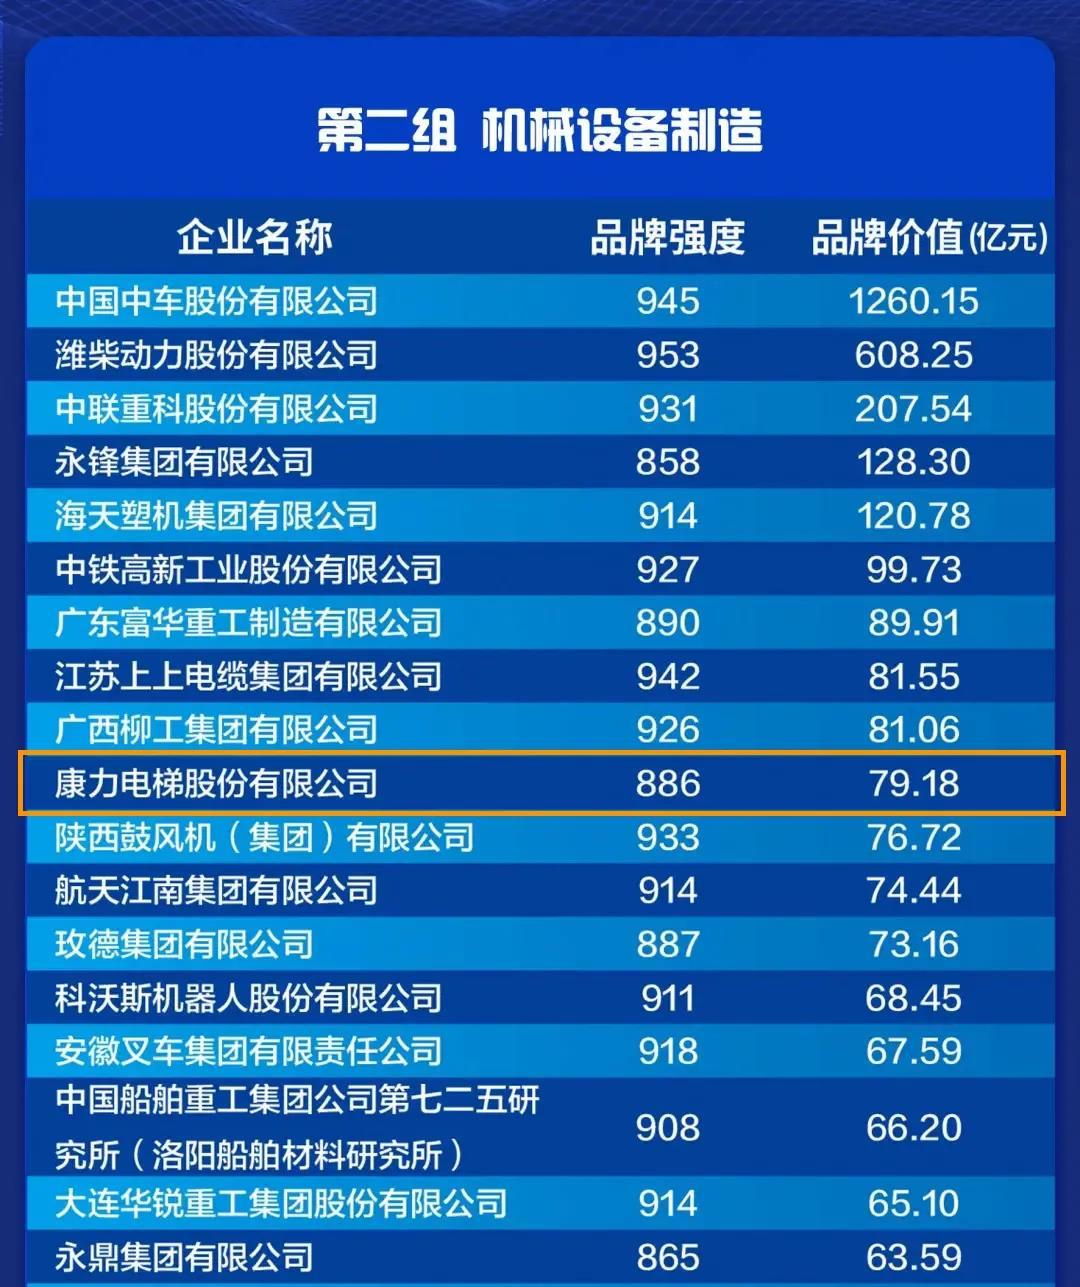 康力电梯居2021中国品牌价值评价-中国电梯行业第1位